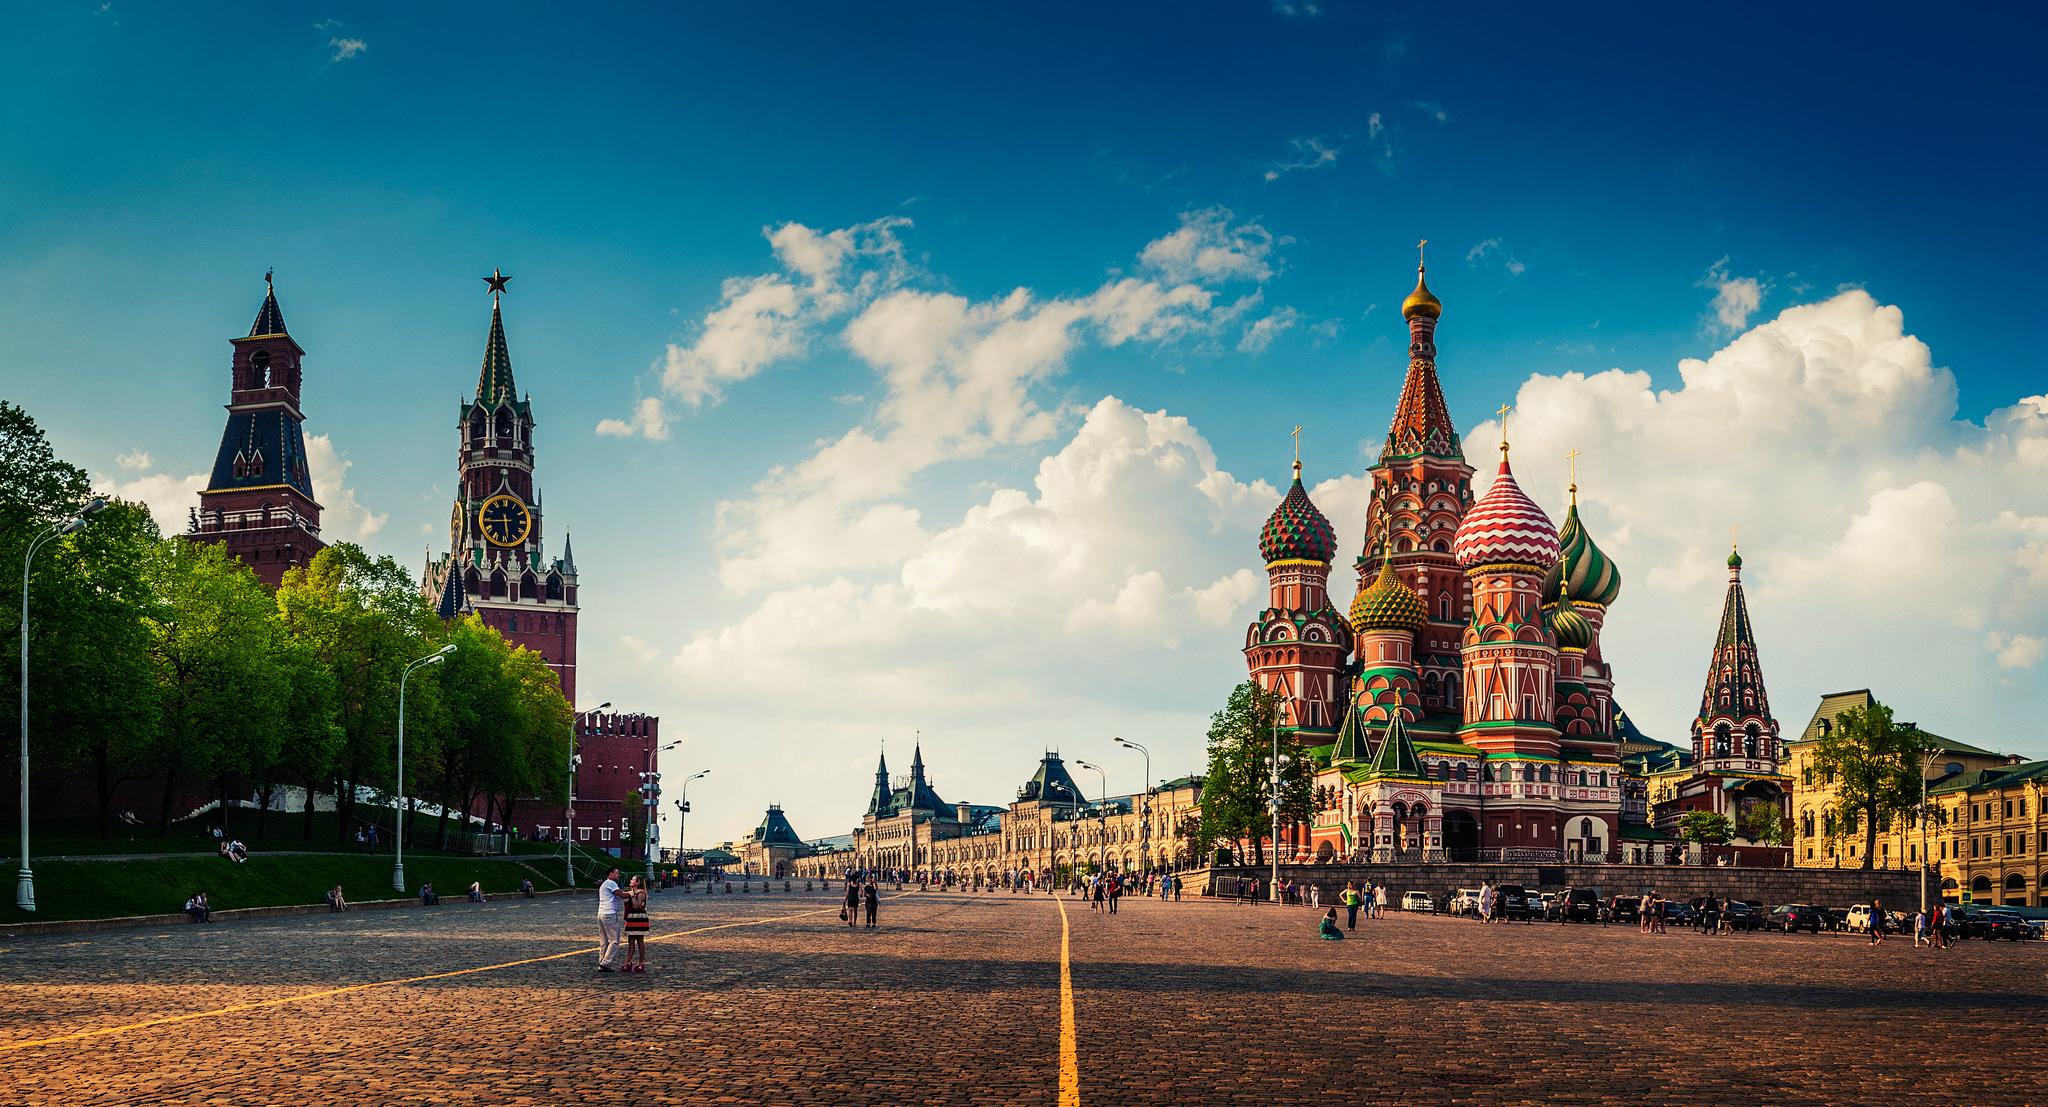 Днем рождения, москва фото красивые высокого качества